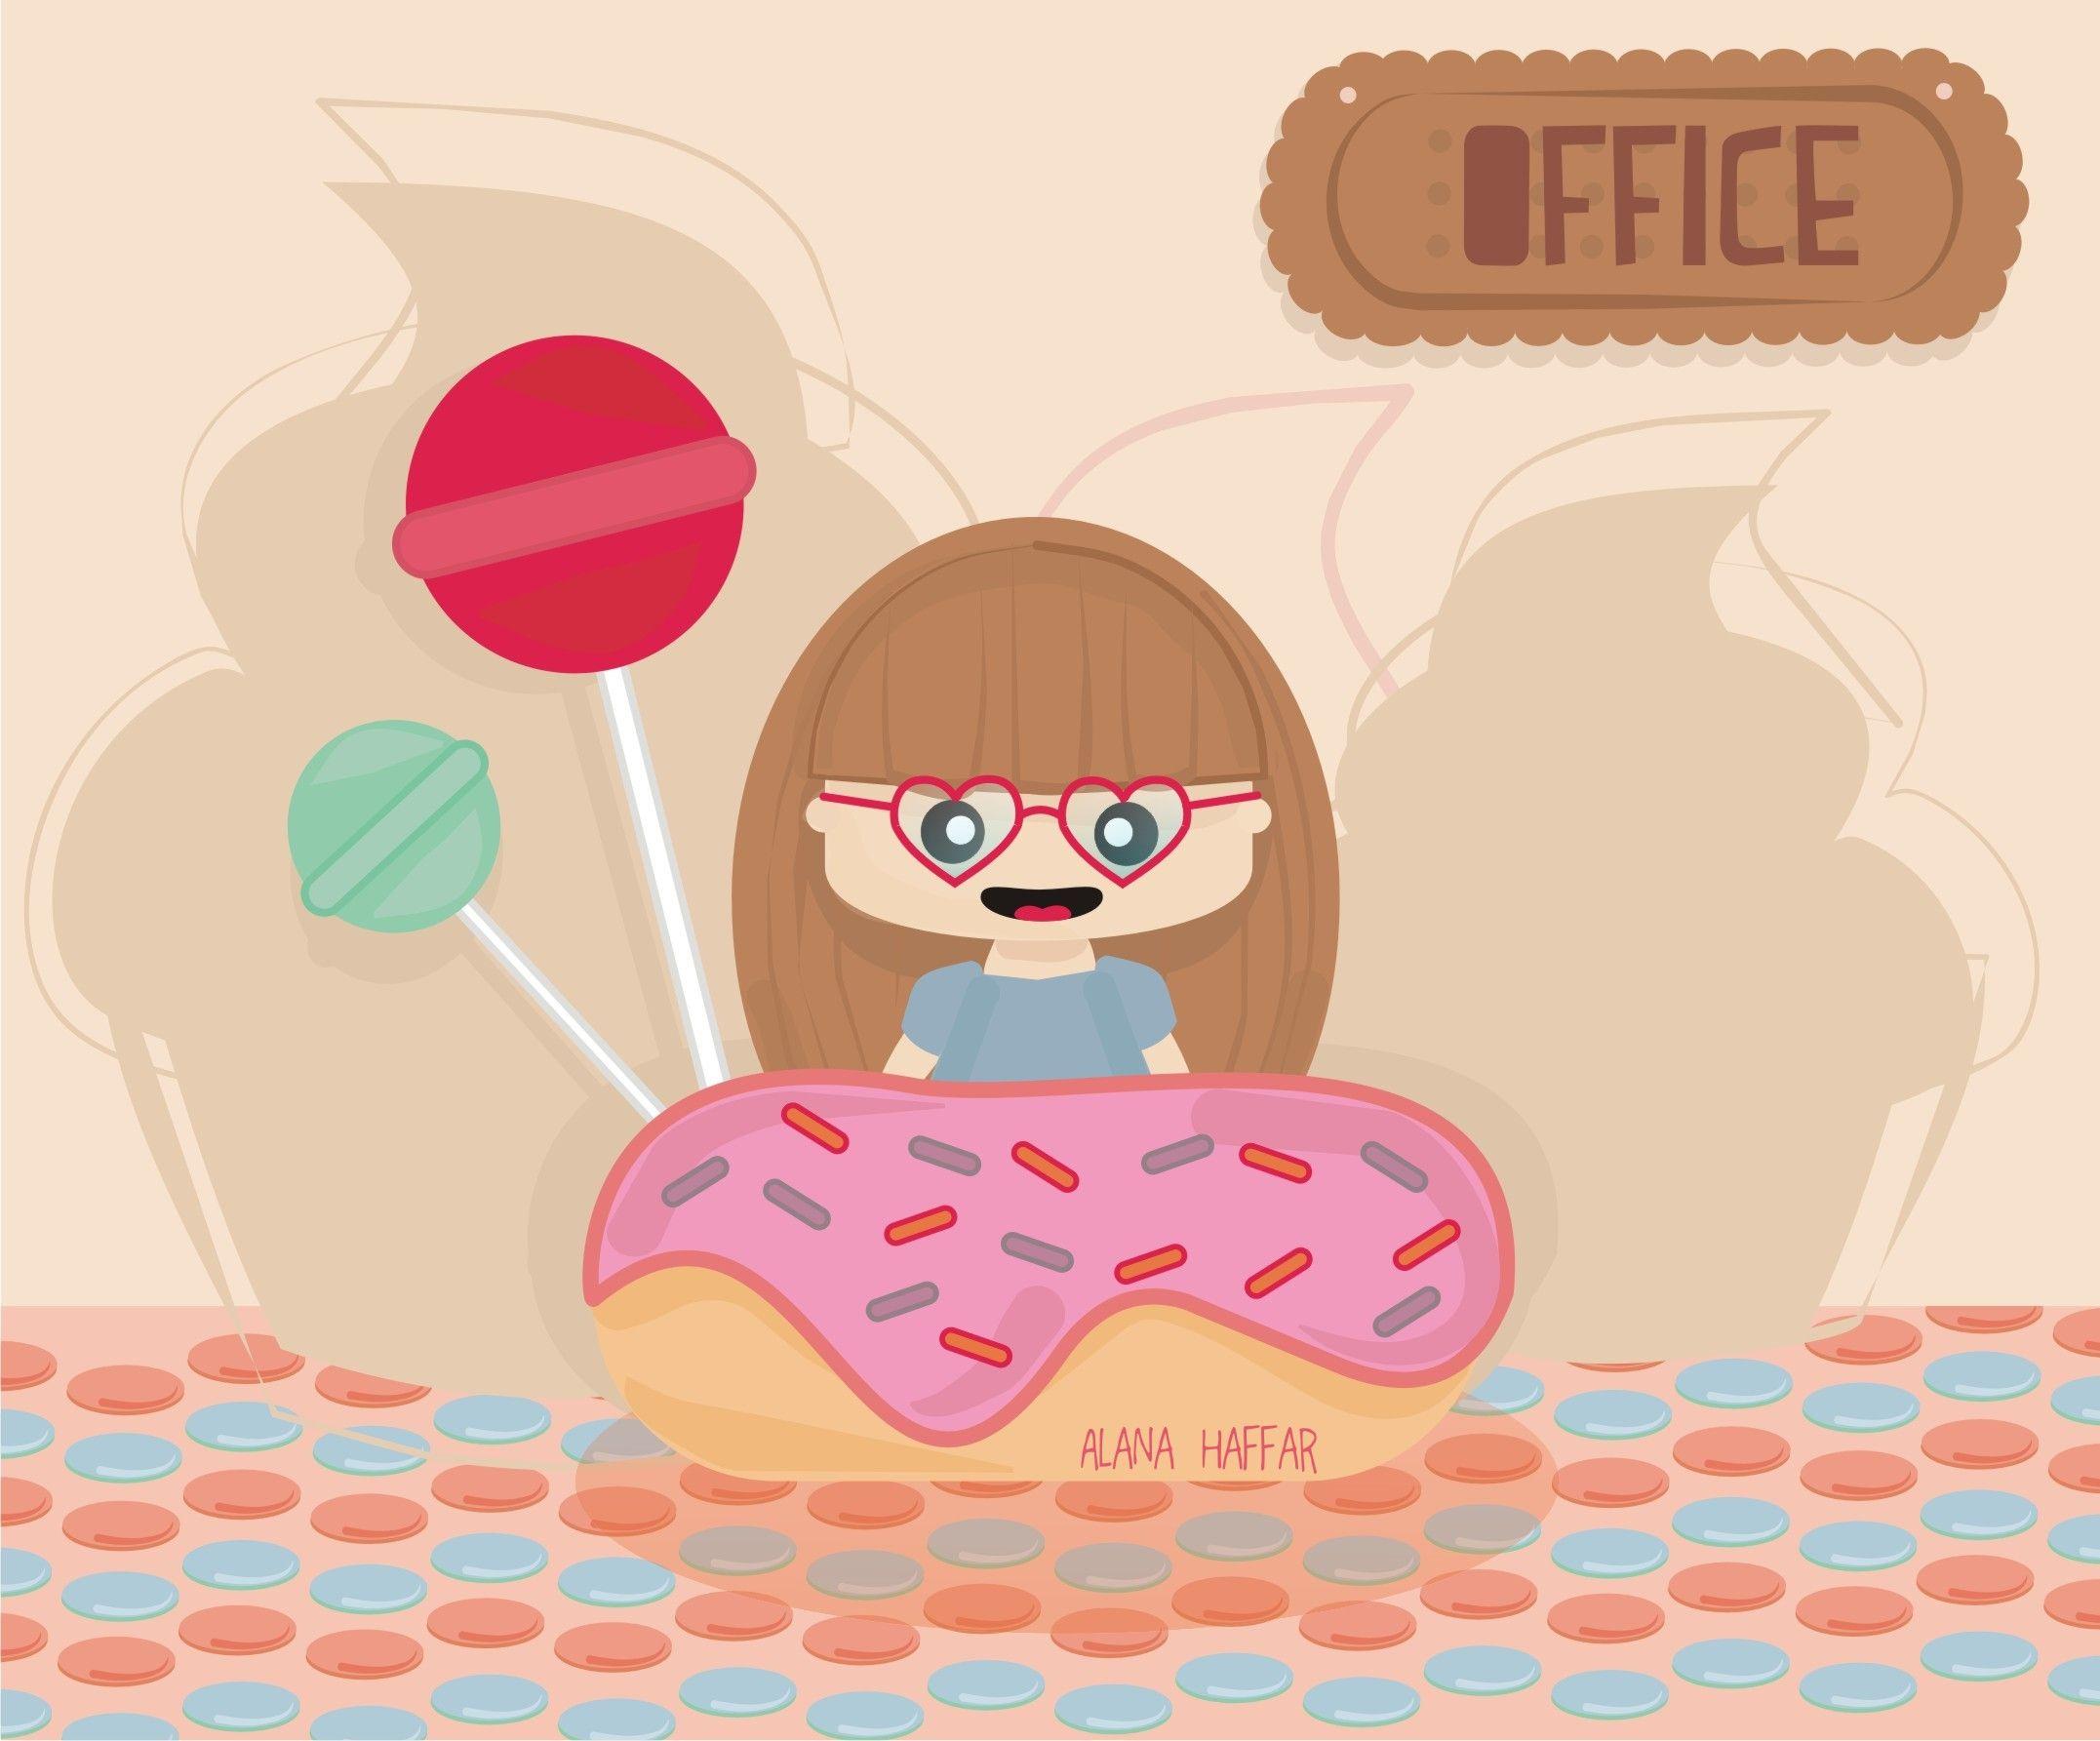 Una oficina de dulce, el trabajo ideal!